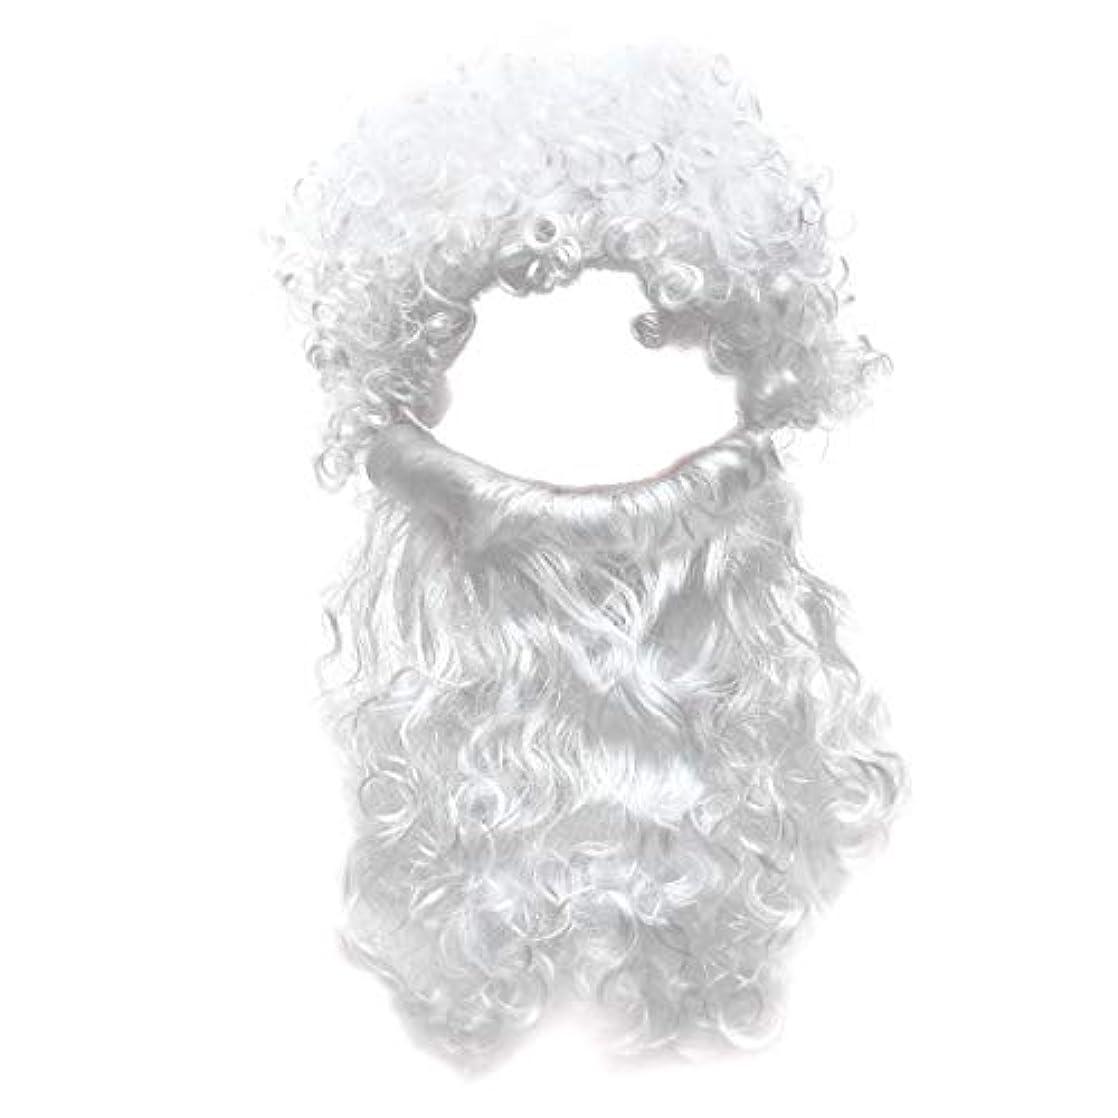 予想する接続されたゆでるBeaupretty 2本の男性のハロウィンコスチュームコスプレ波状のイエスの髪の毛の髪セットひげセットホワイト